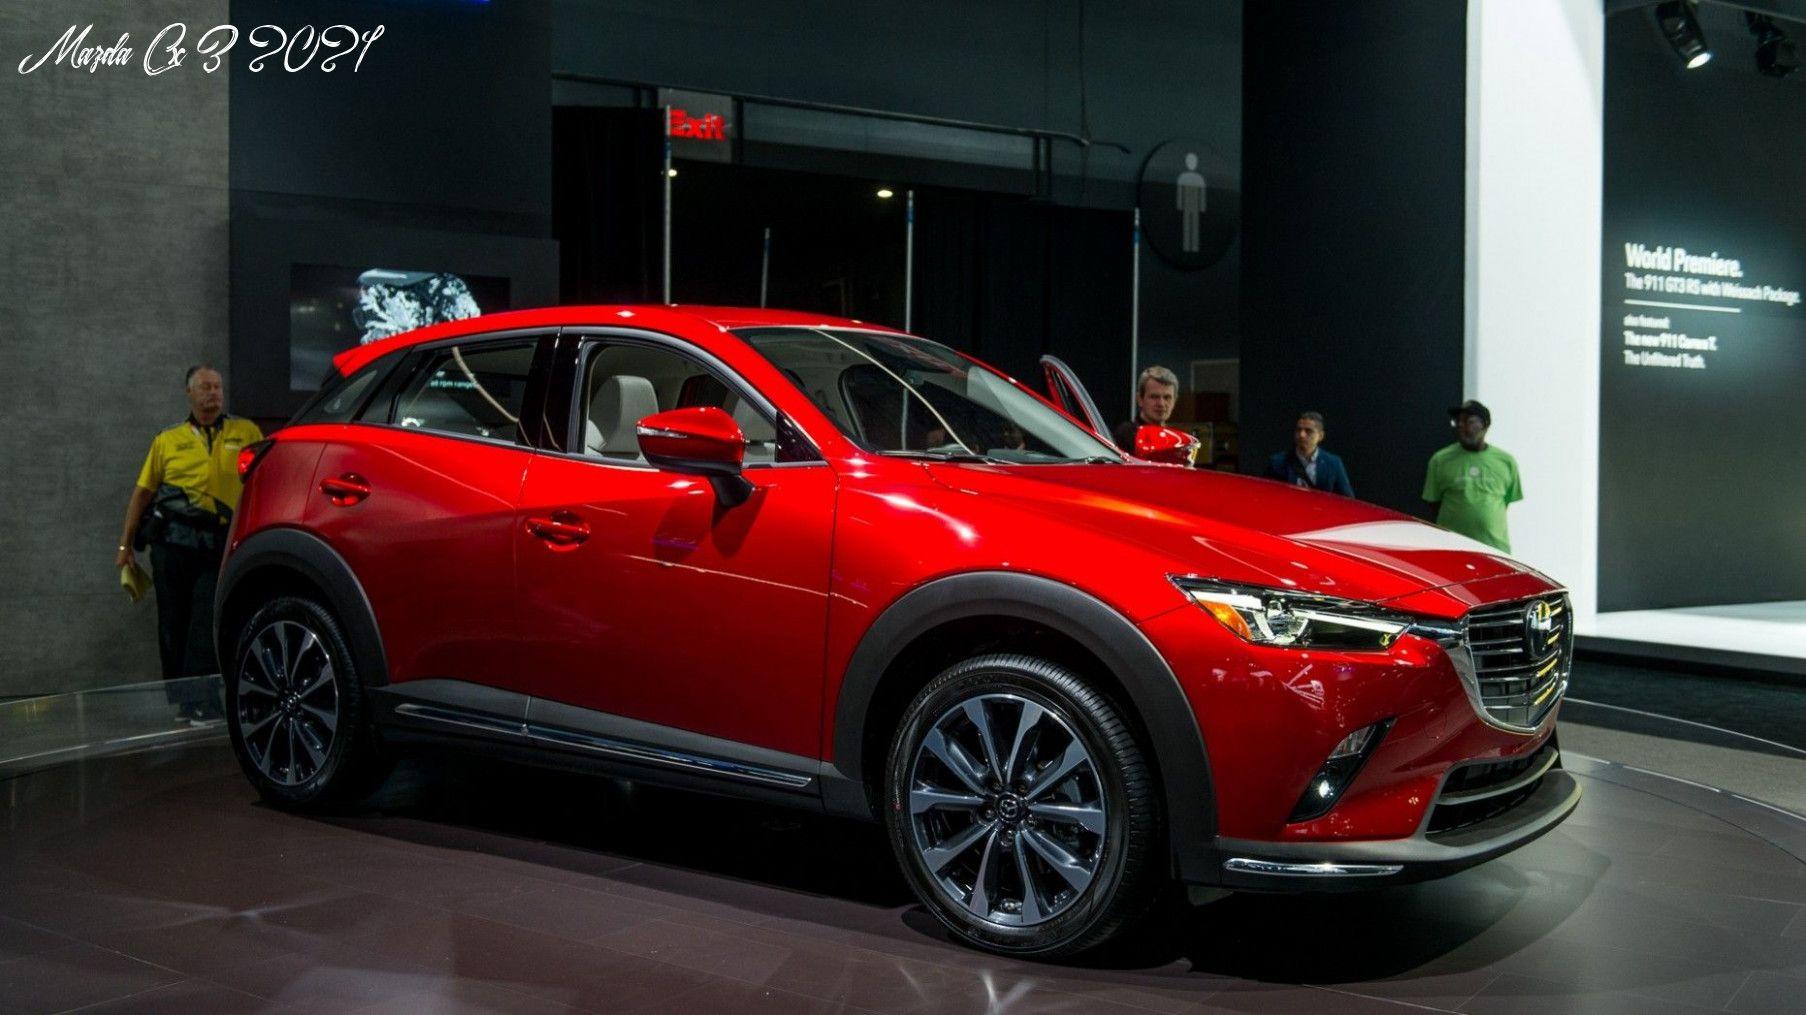 Mazda Cx 3 2021 Picture In 2020 Mazda Cx3 Mazda Car